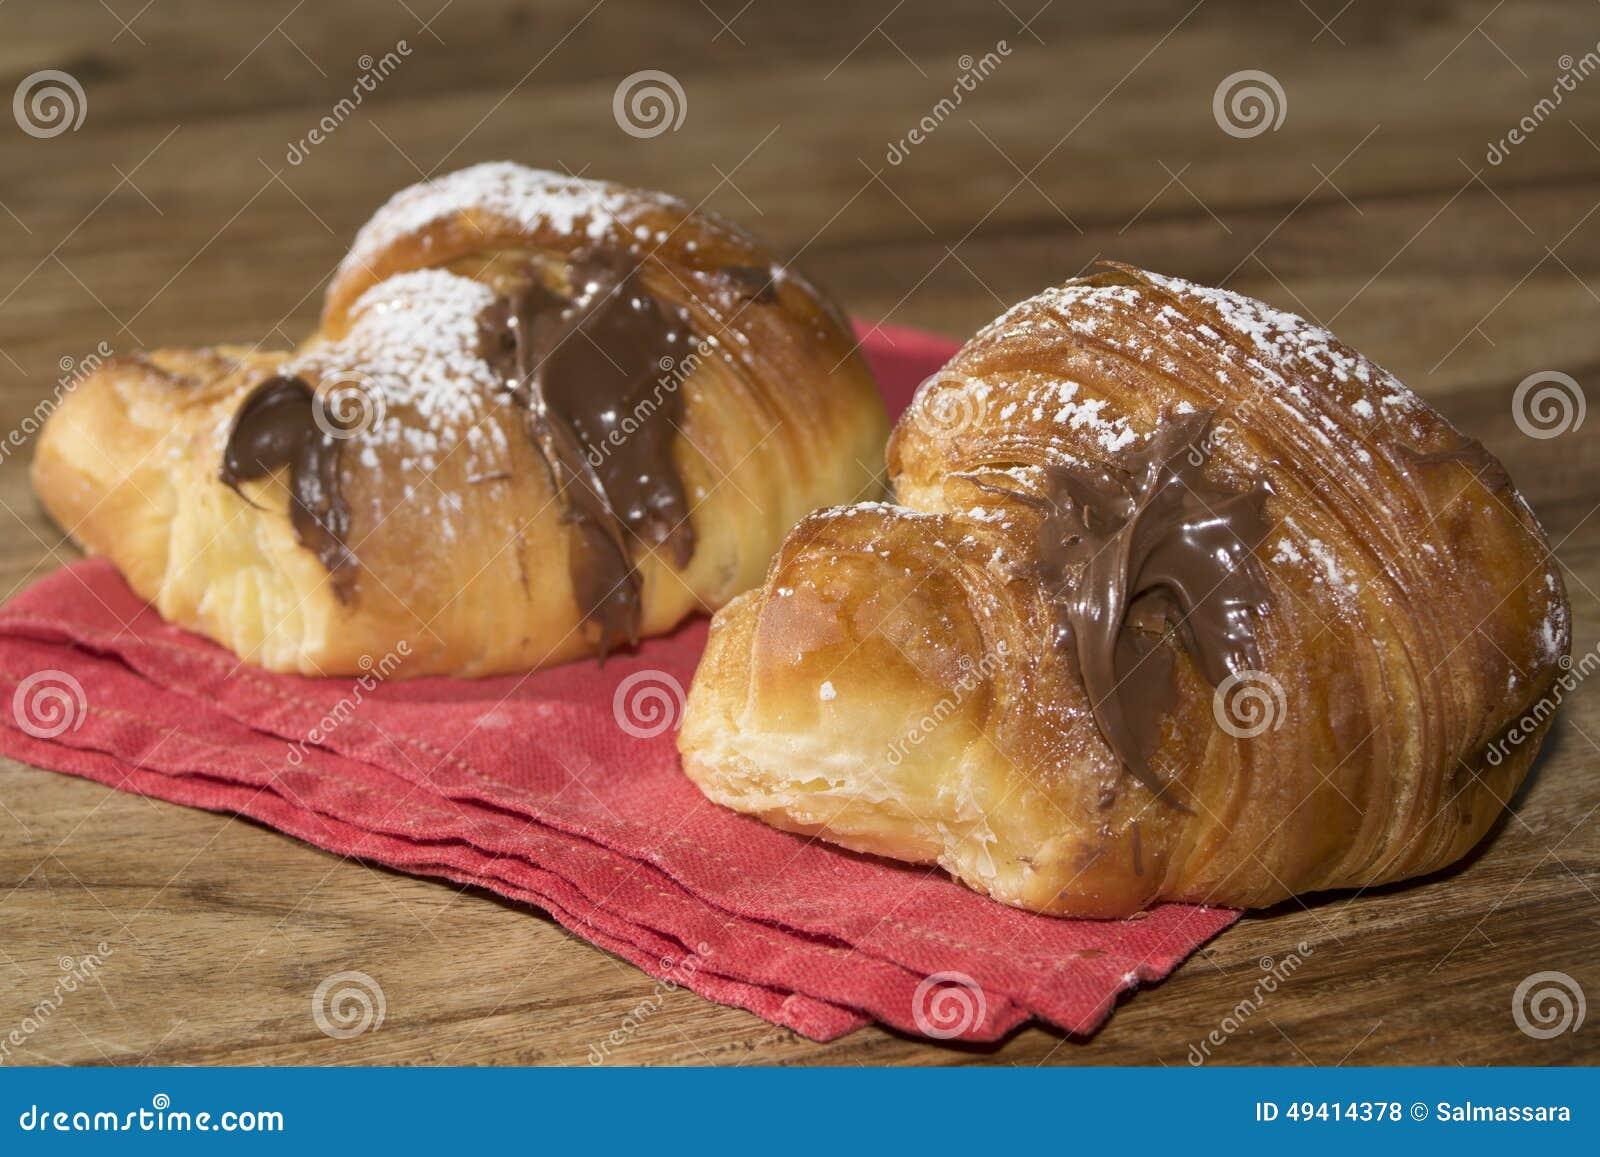 Download Italienisches Frühstück stockfoto. Bild von imbiß, nachtisch - 49414378